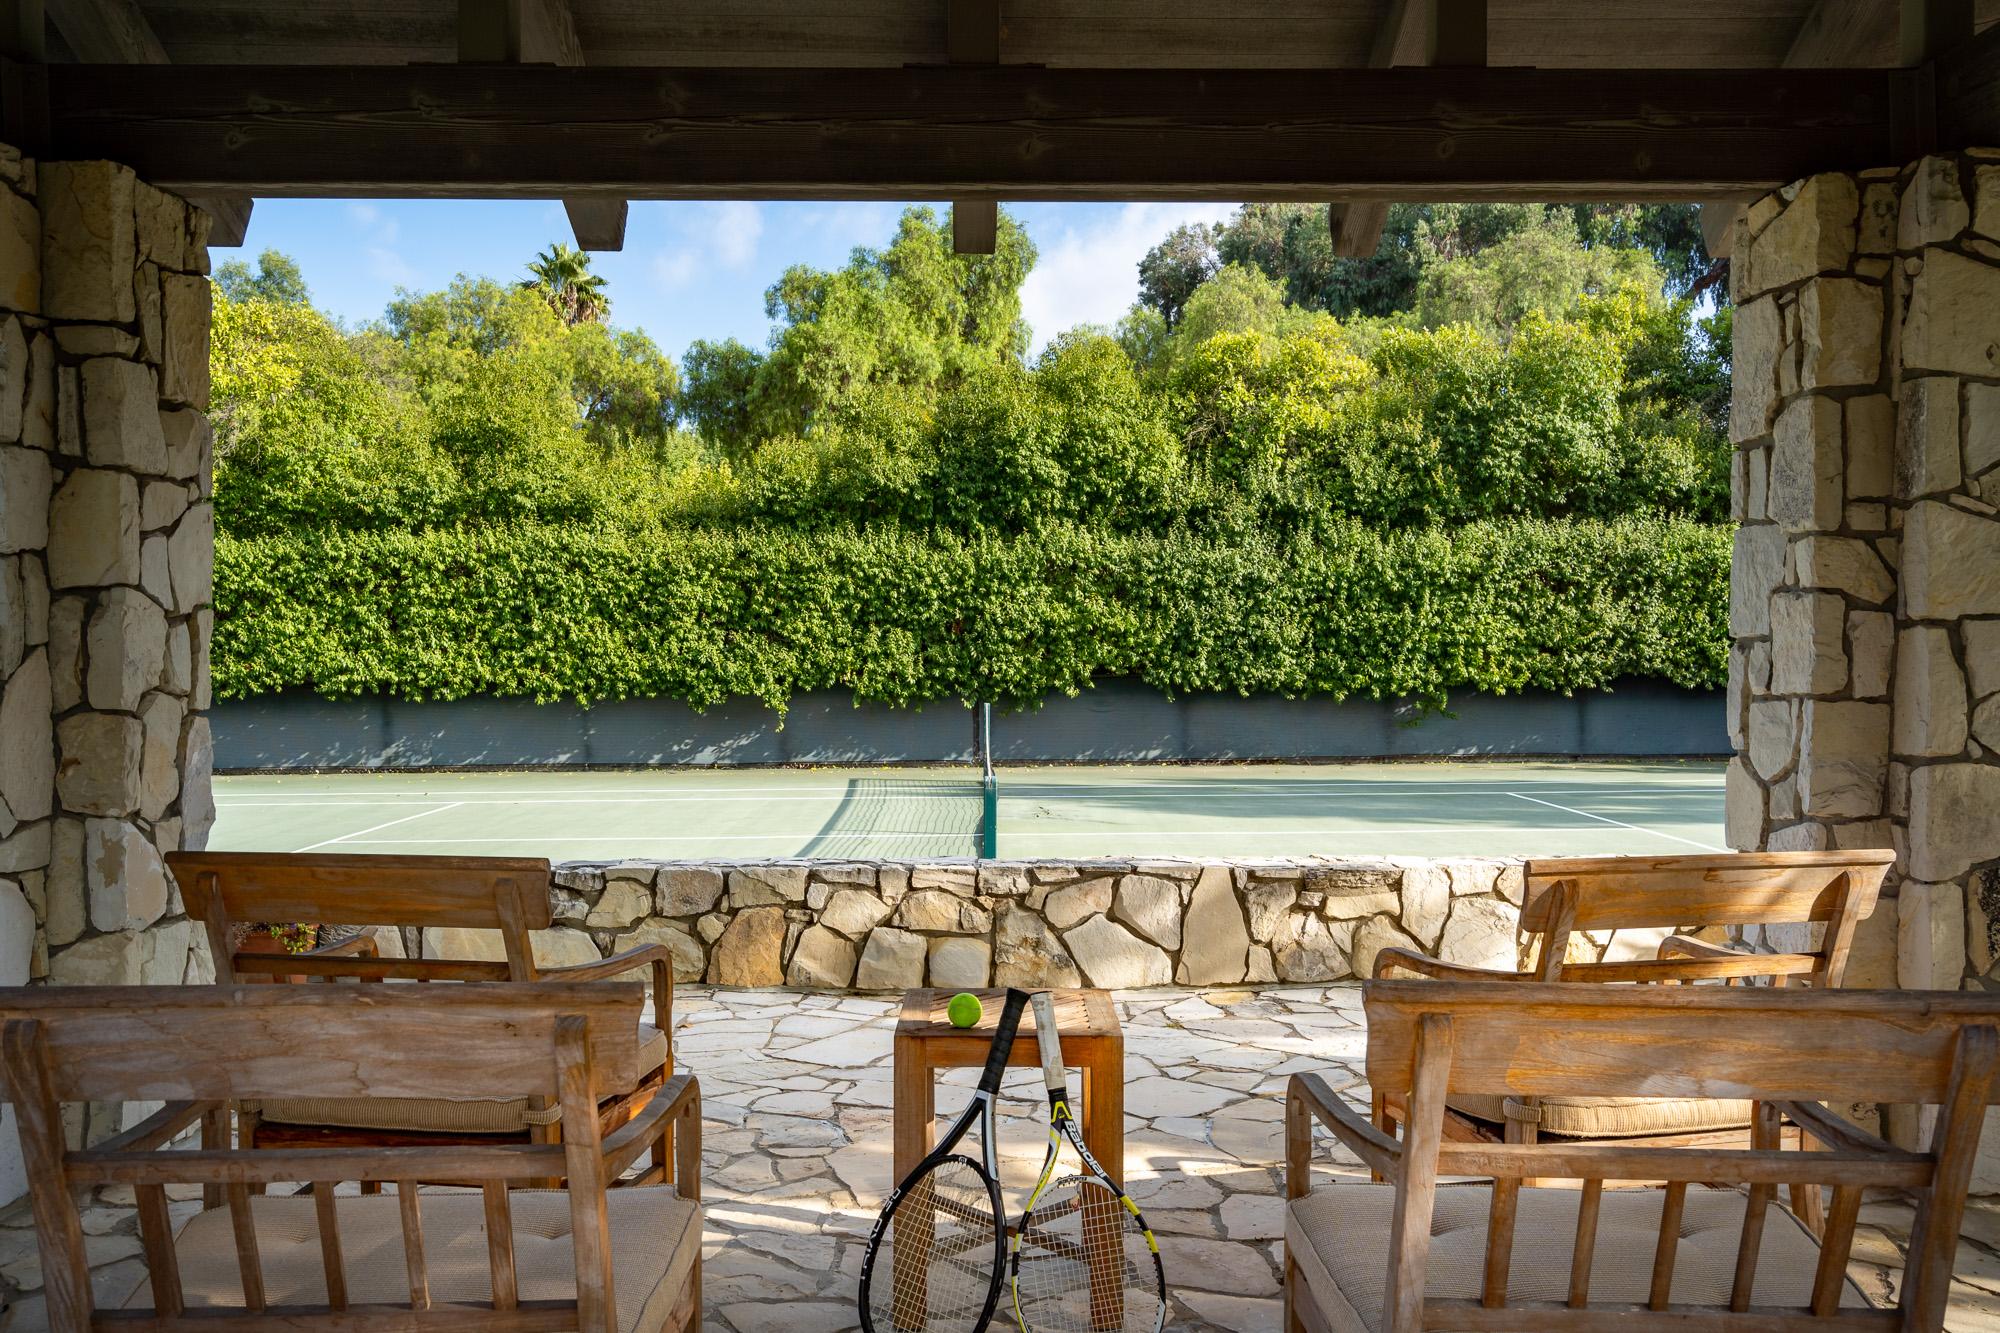 In Escrow | 6025 El Montevideo -  Rancho Santa Fe, CA 92067